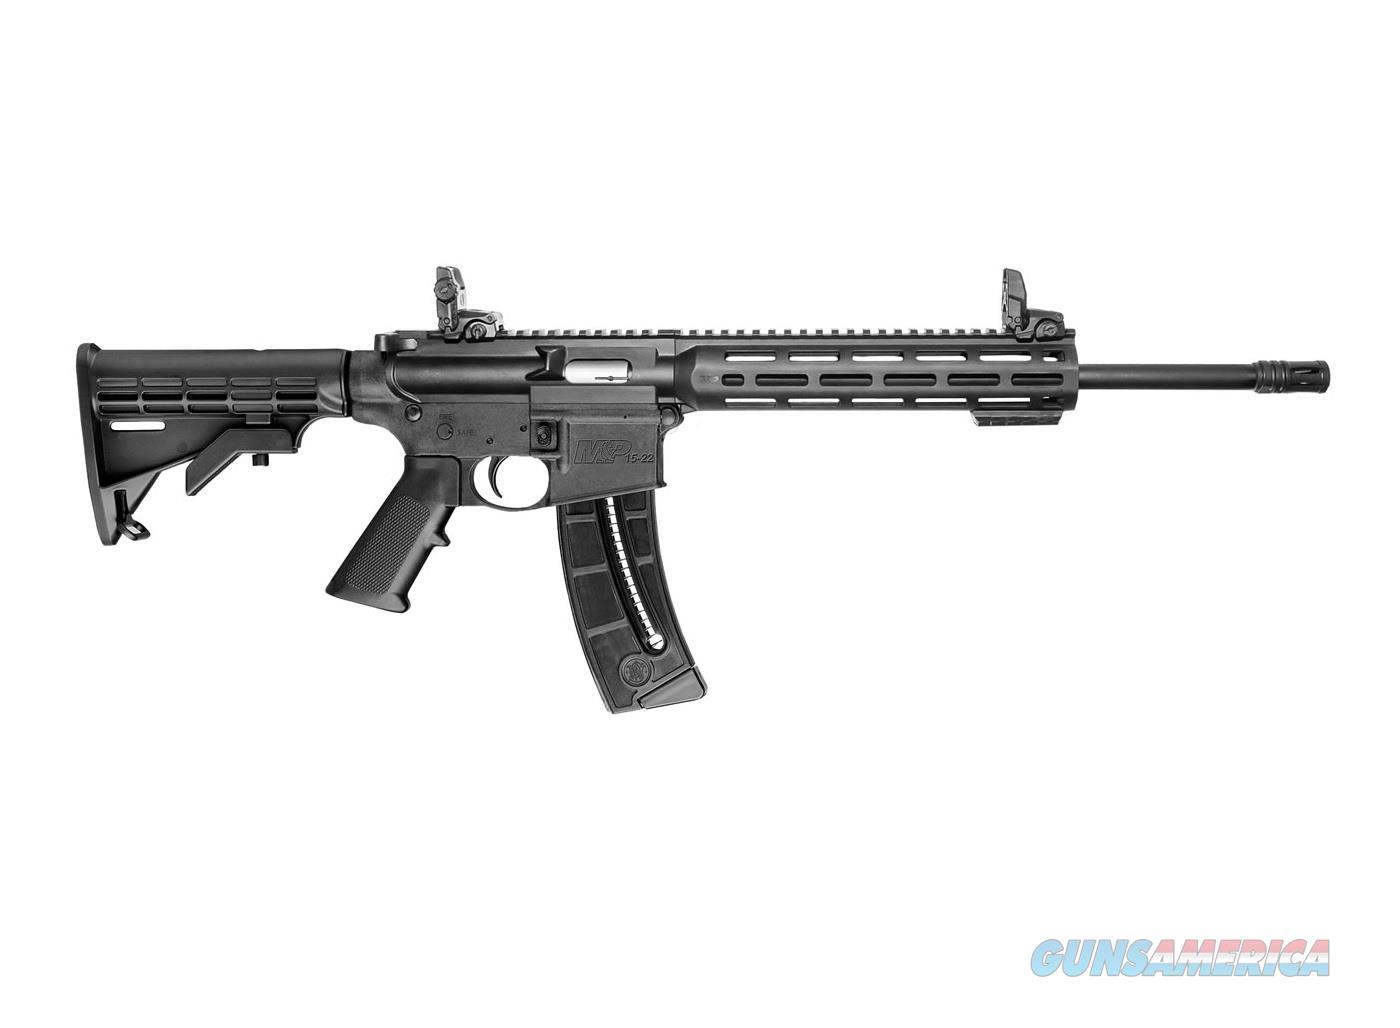 SMITH & WESSON M&P15-22 SPORT AR-15 .22 LR  10208  Guns > Rifles > Smith & Wesson Rifles > M&P